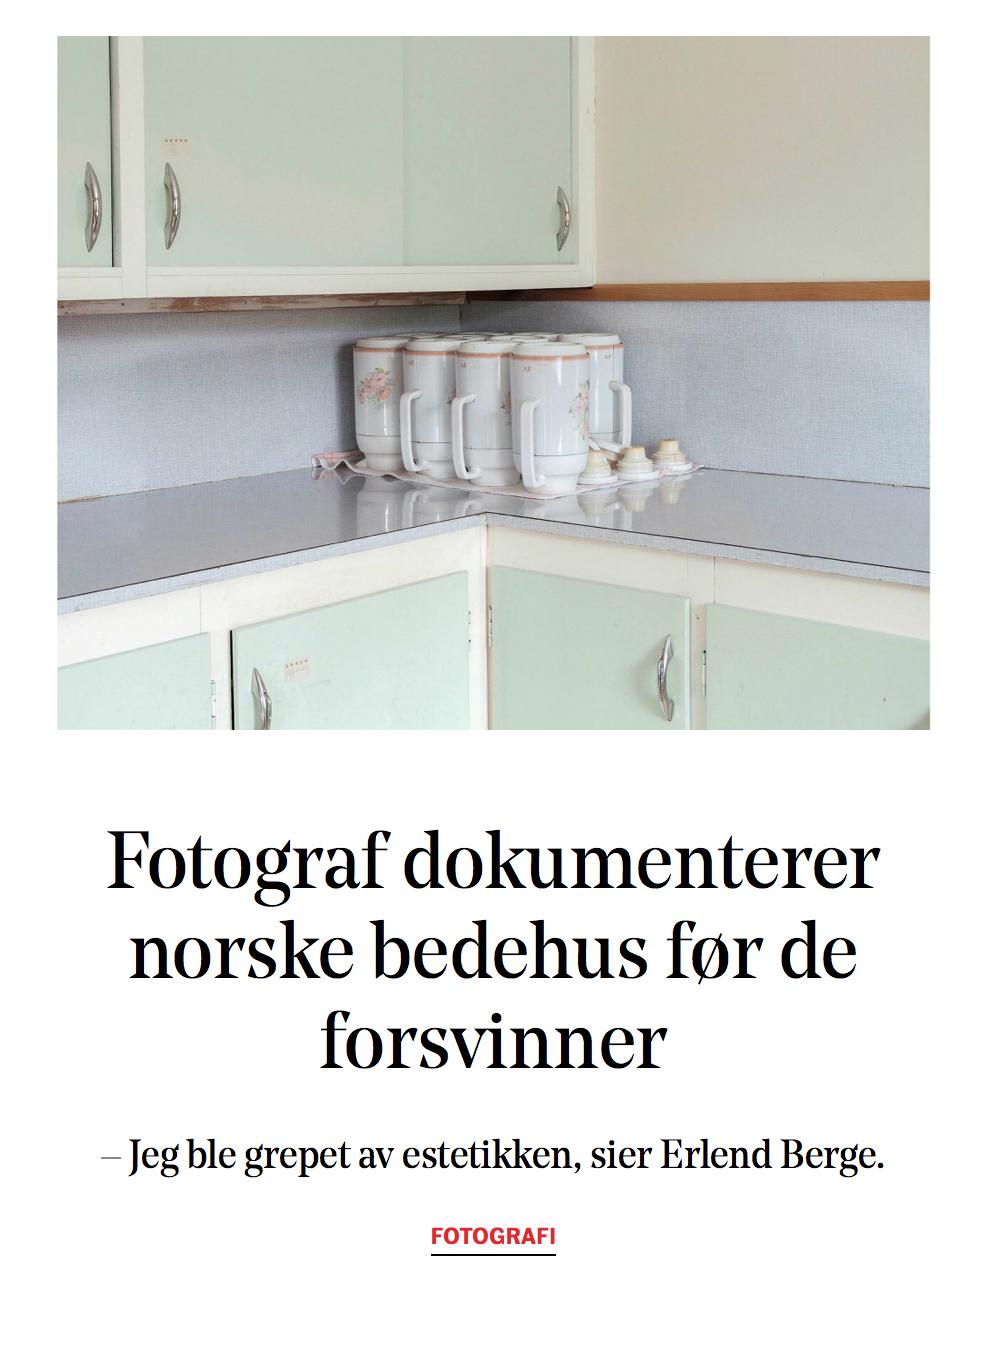 Skjermbilde 2018-09-02 08.52.51.png